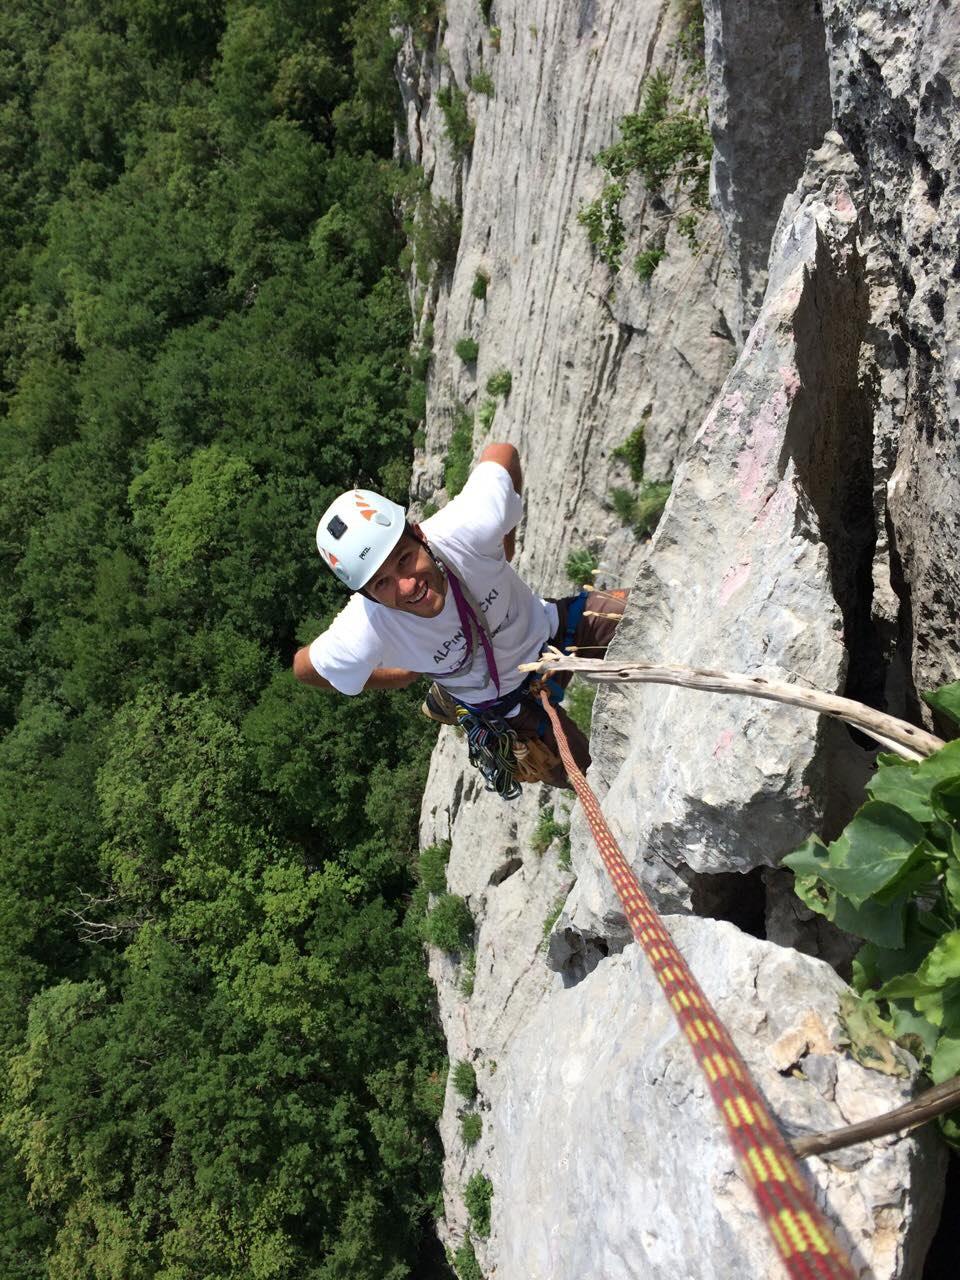 Smokovac Free Climbing, photo by Mico Cerovic